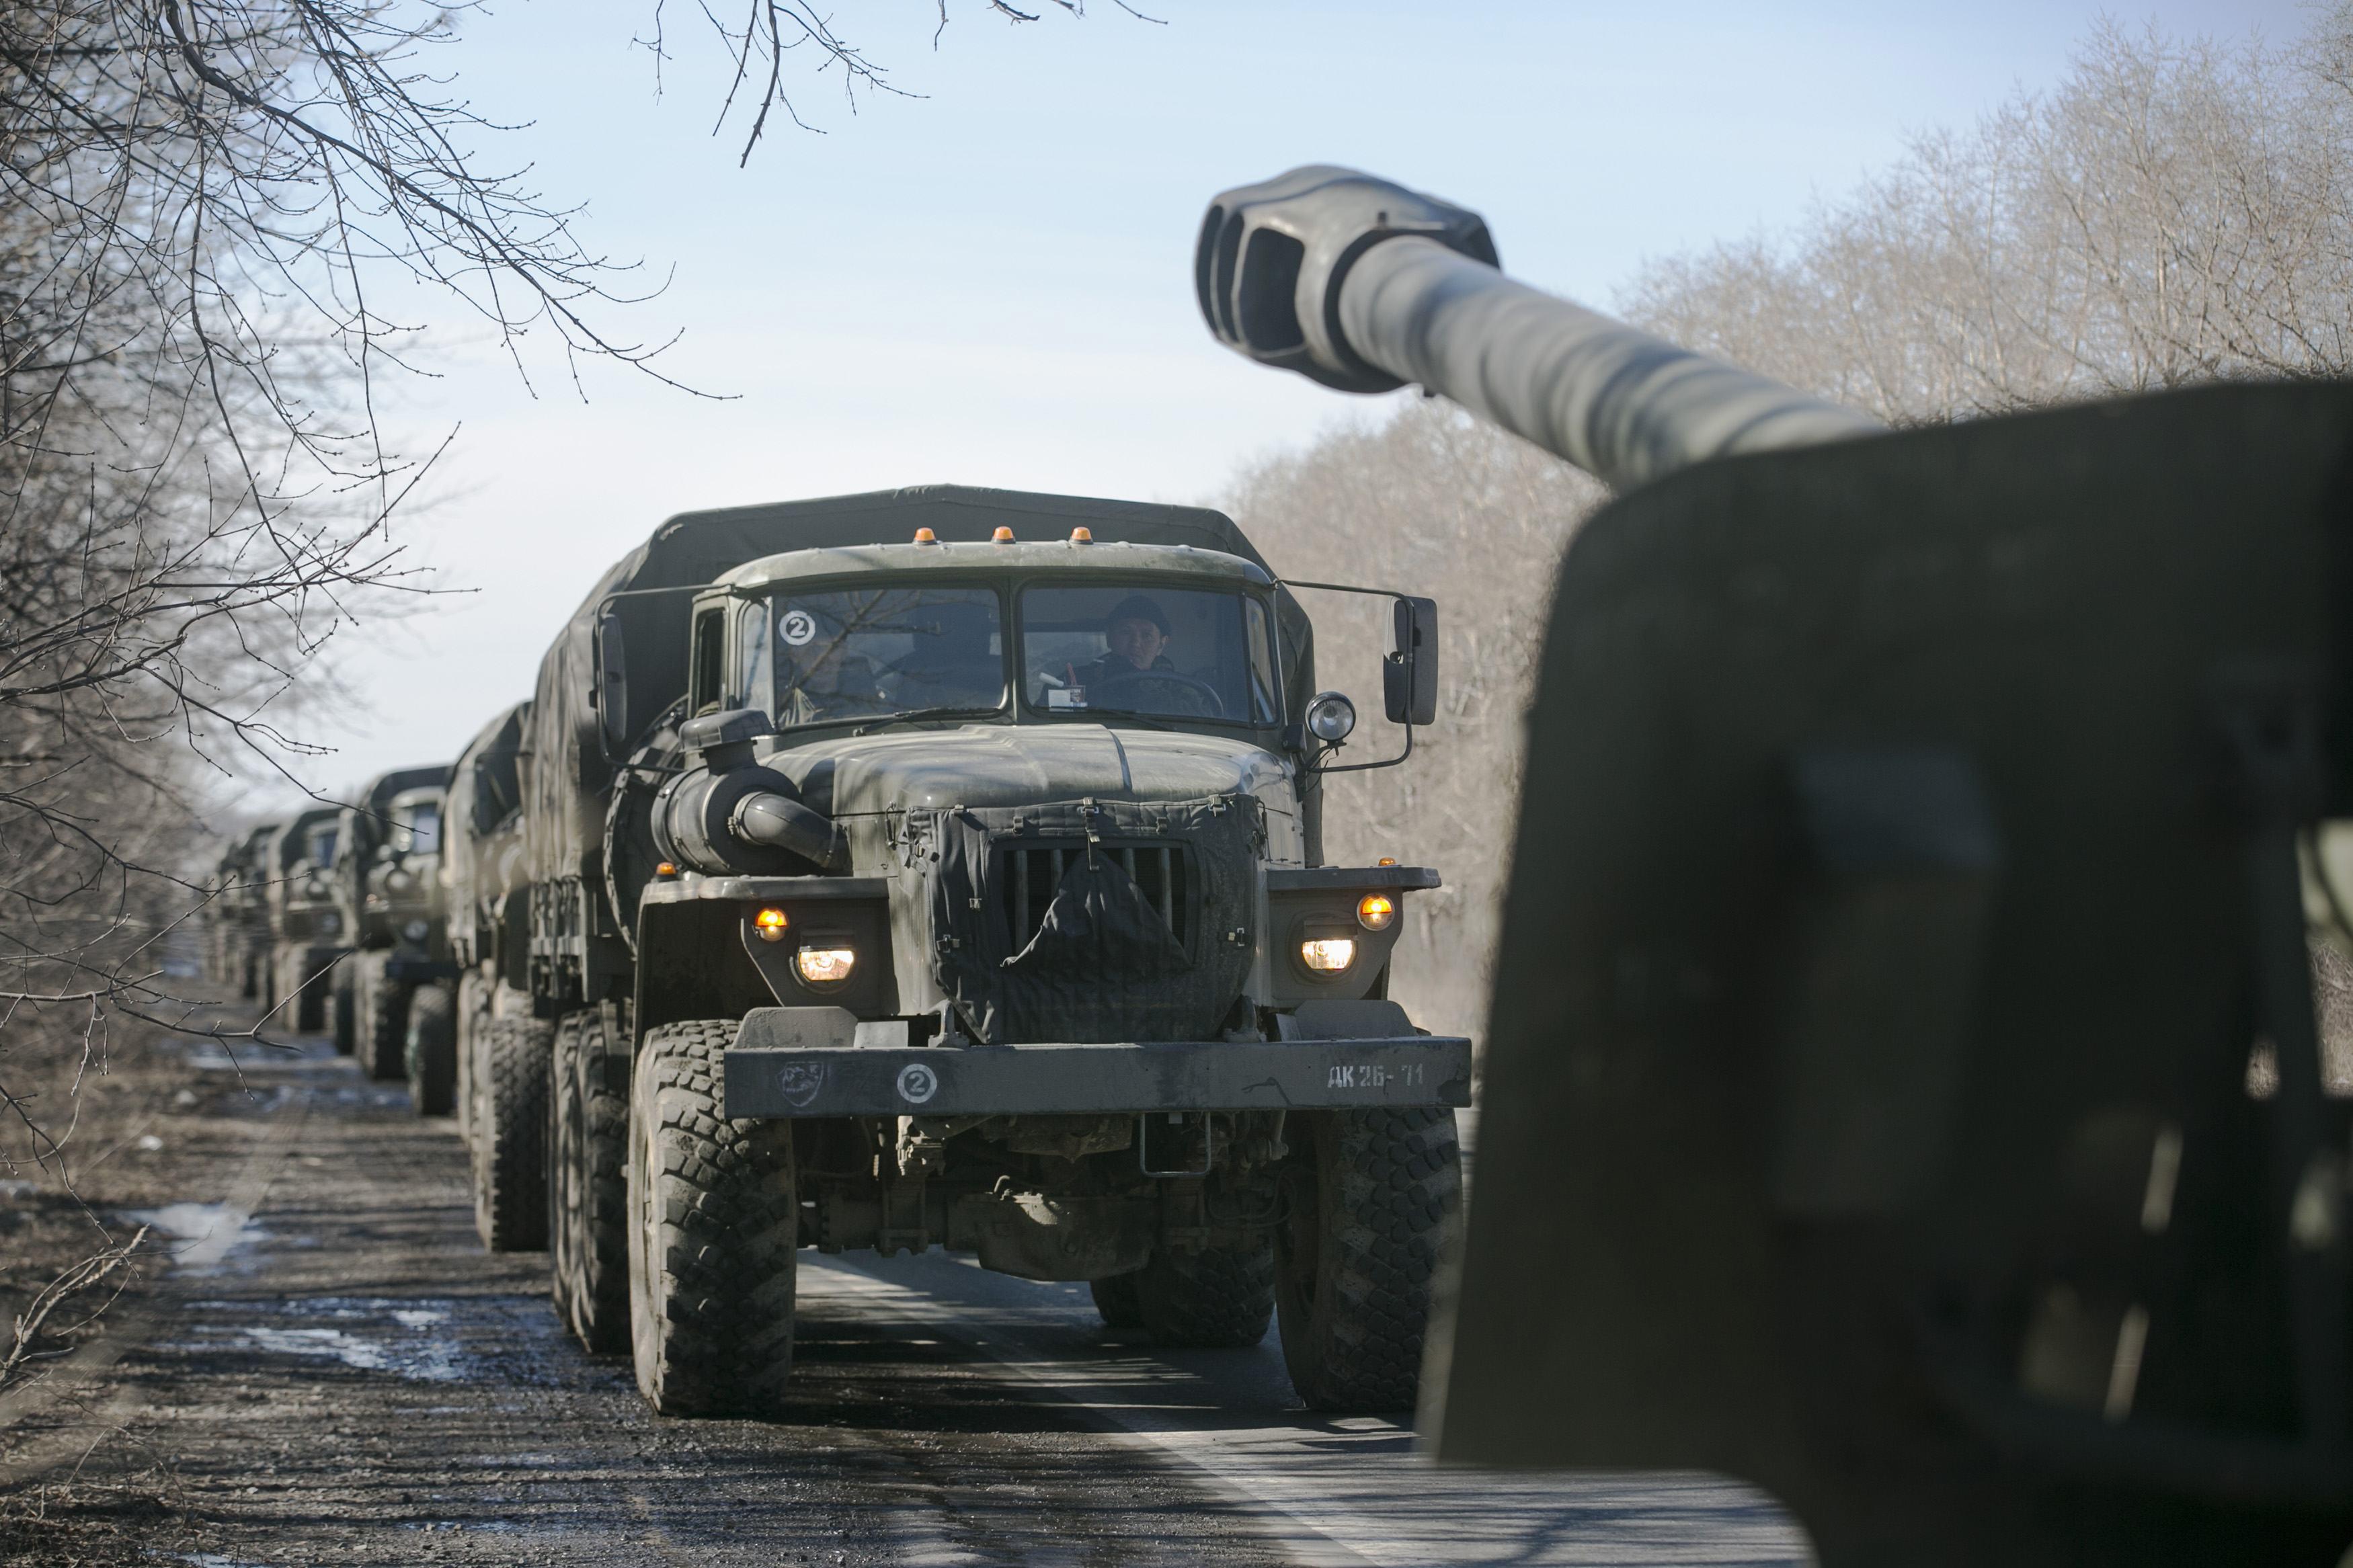 Колонна боевиков замечена в районе Алчевска, иллюстрация